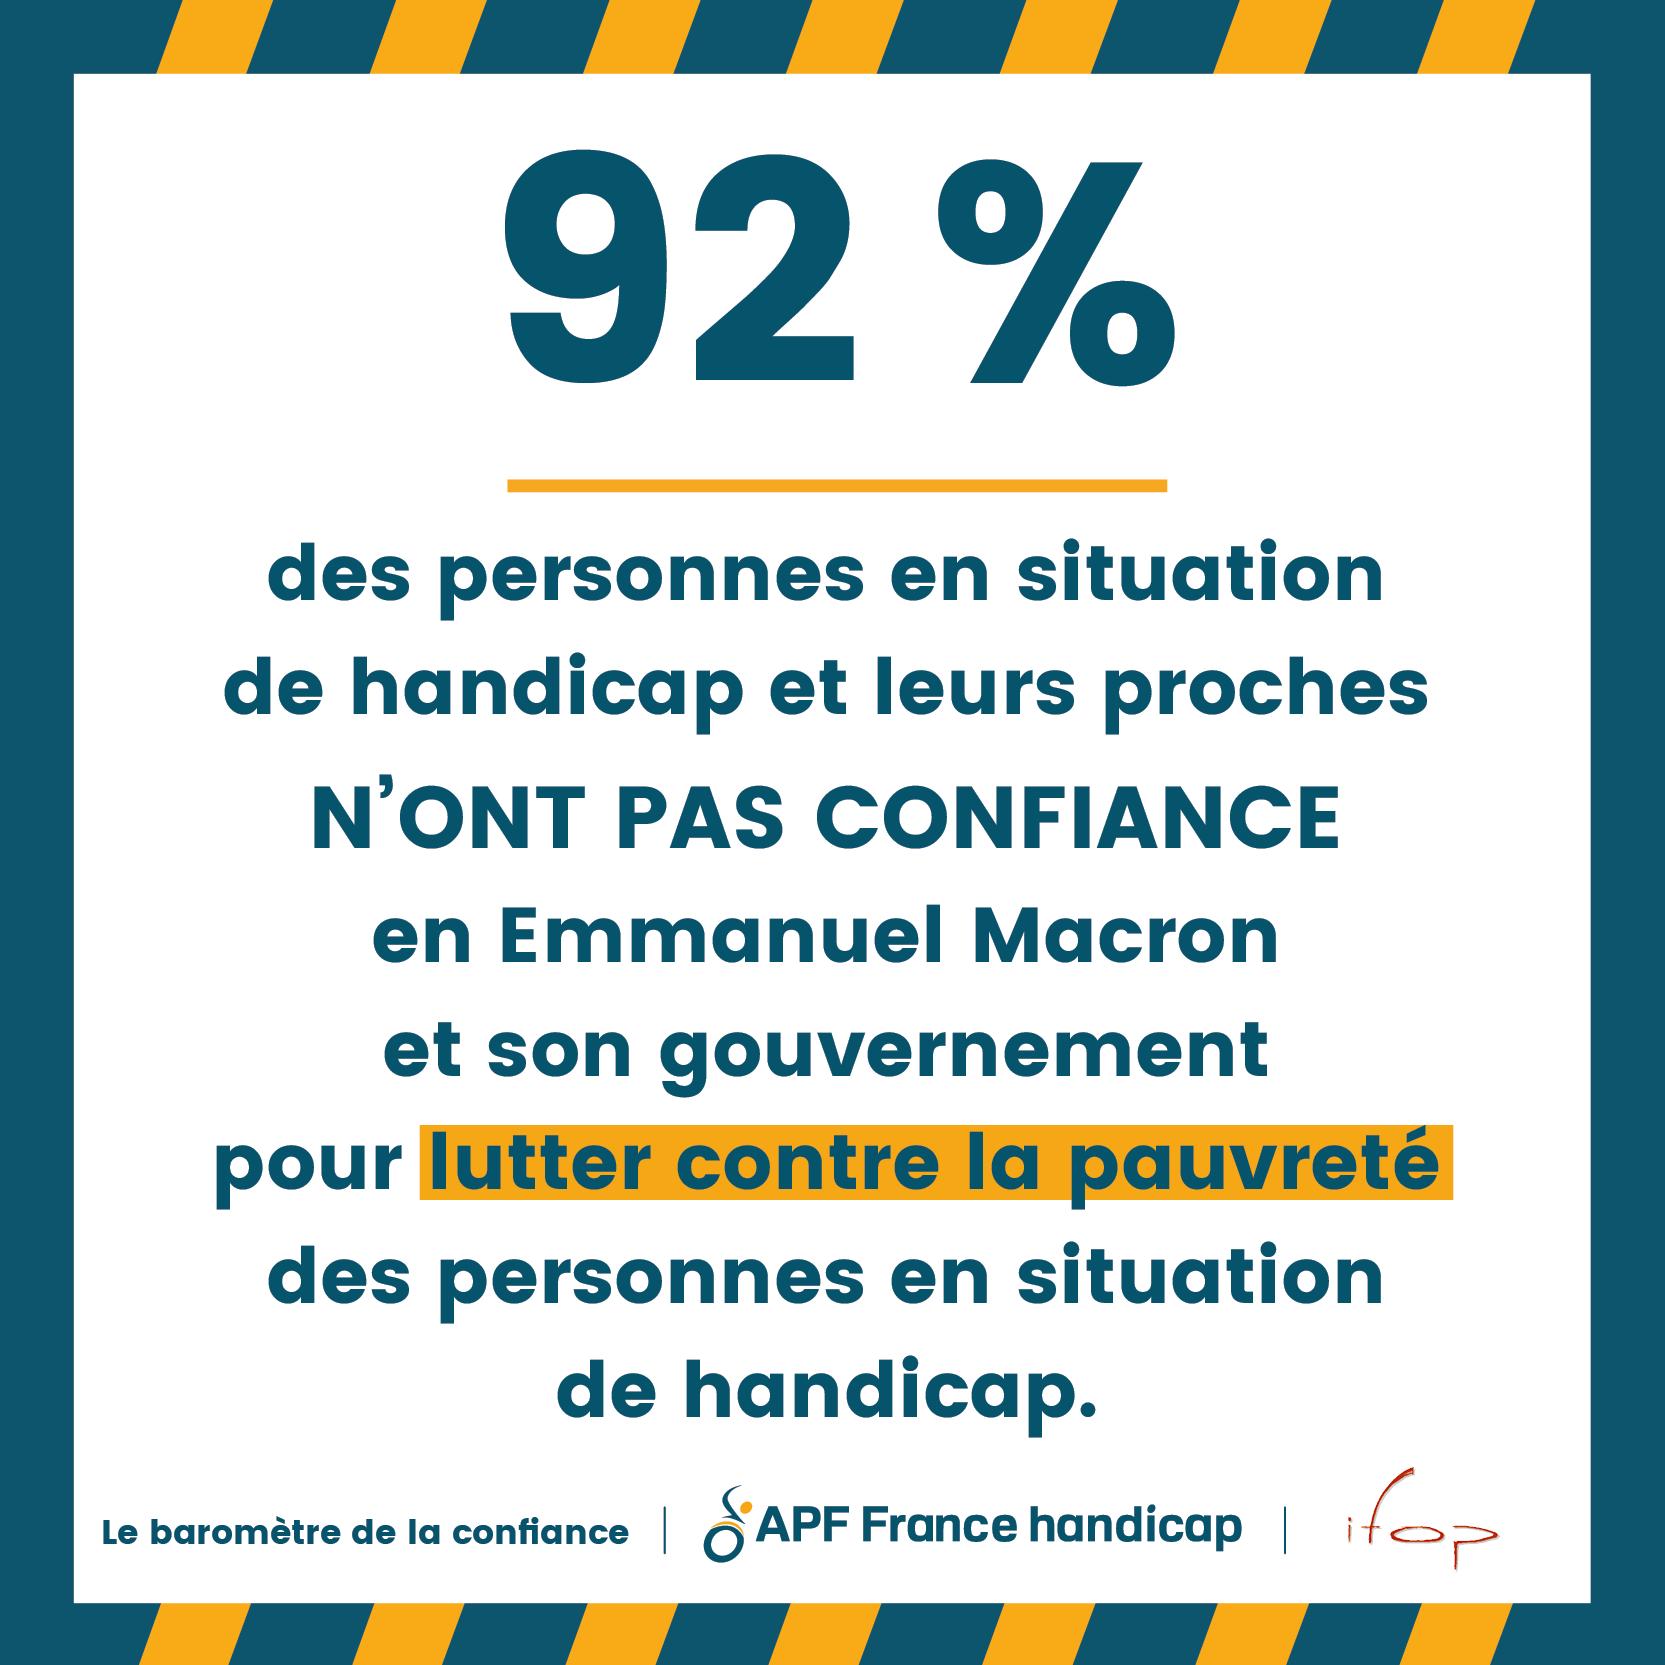 92% des personnes handicapées n'ont pas confiance en E. Macron pour lutter contre la pauvreté